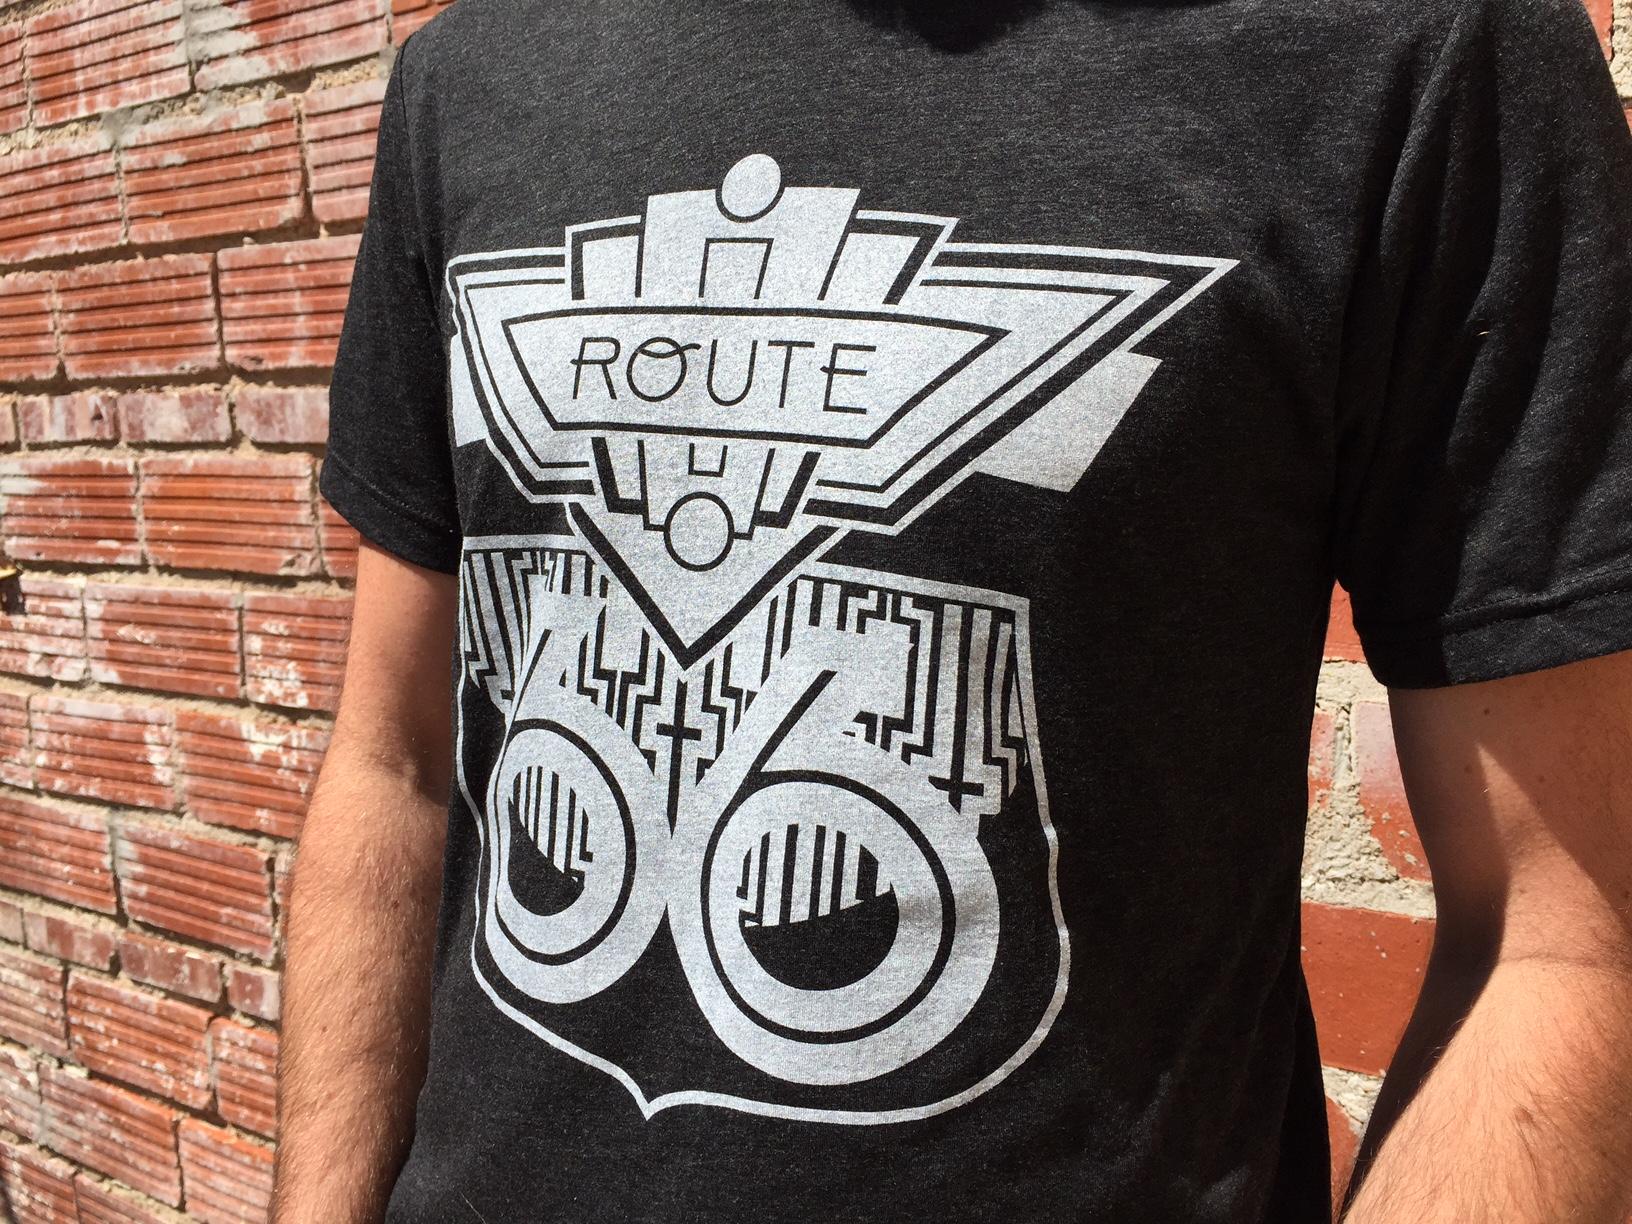 Deco Route 66 Shirt